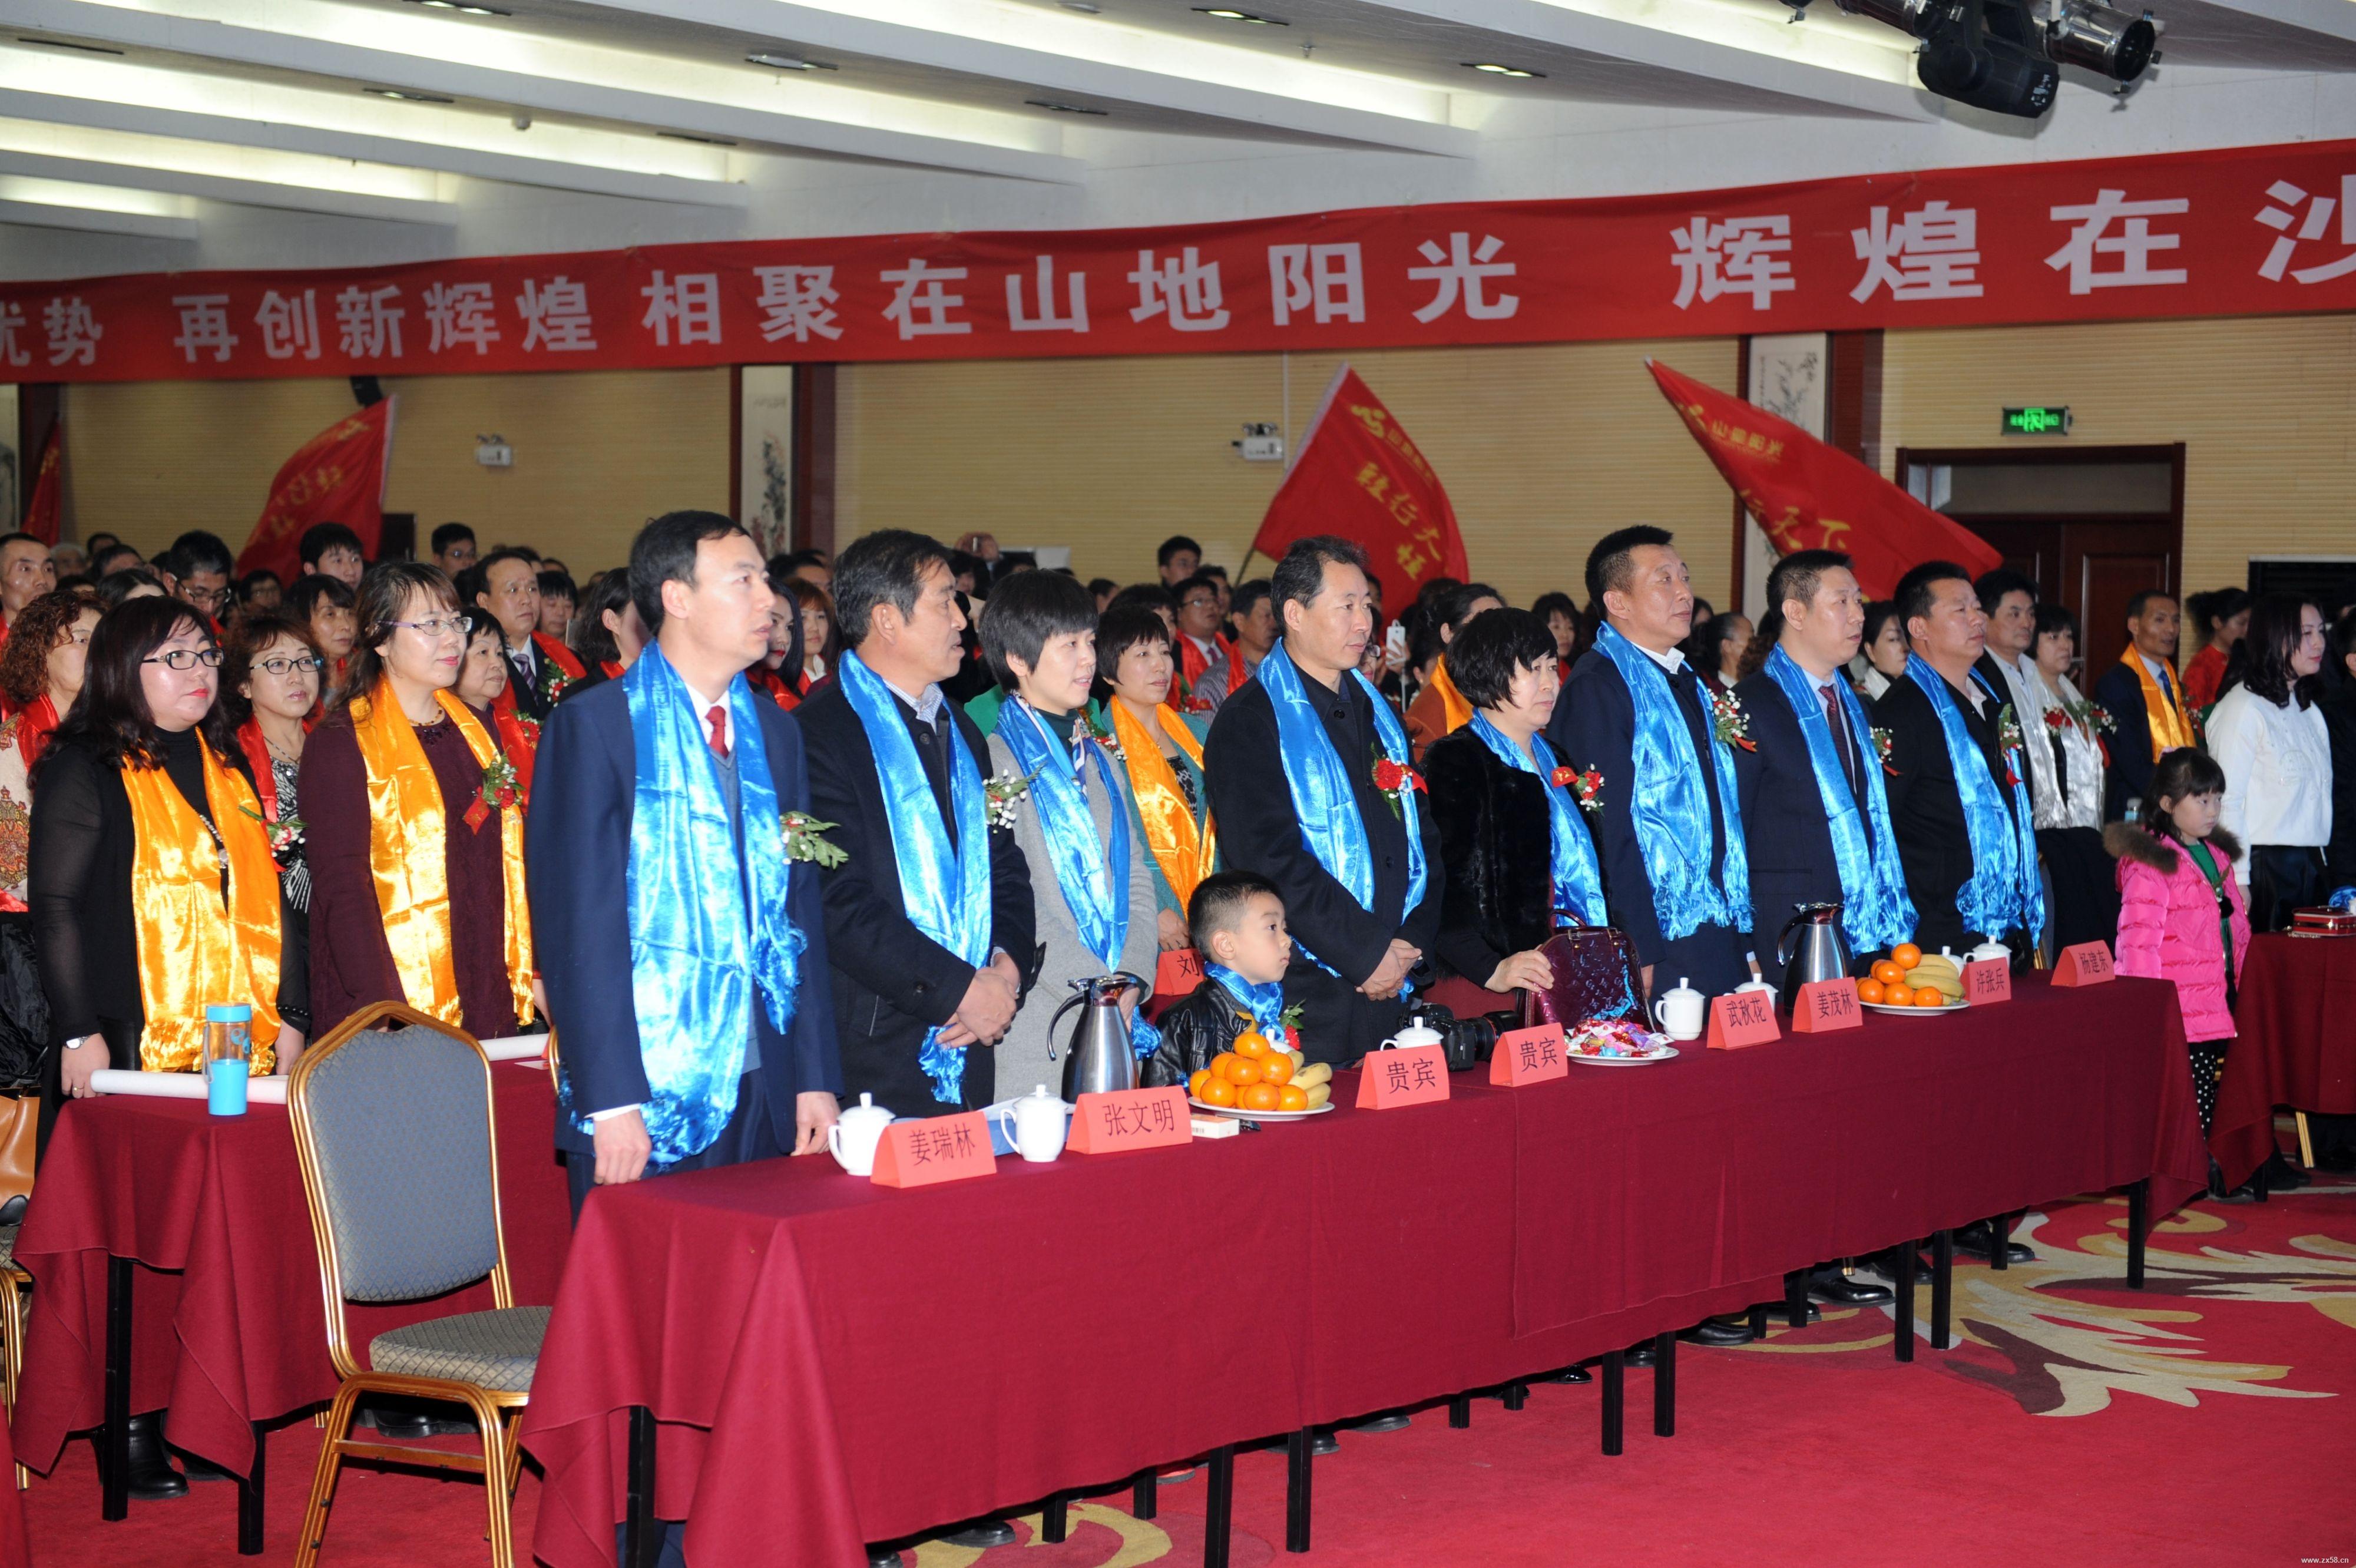 2015年度峰会暨全球营销中心揭牌仪式盛大启幕